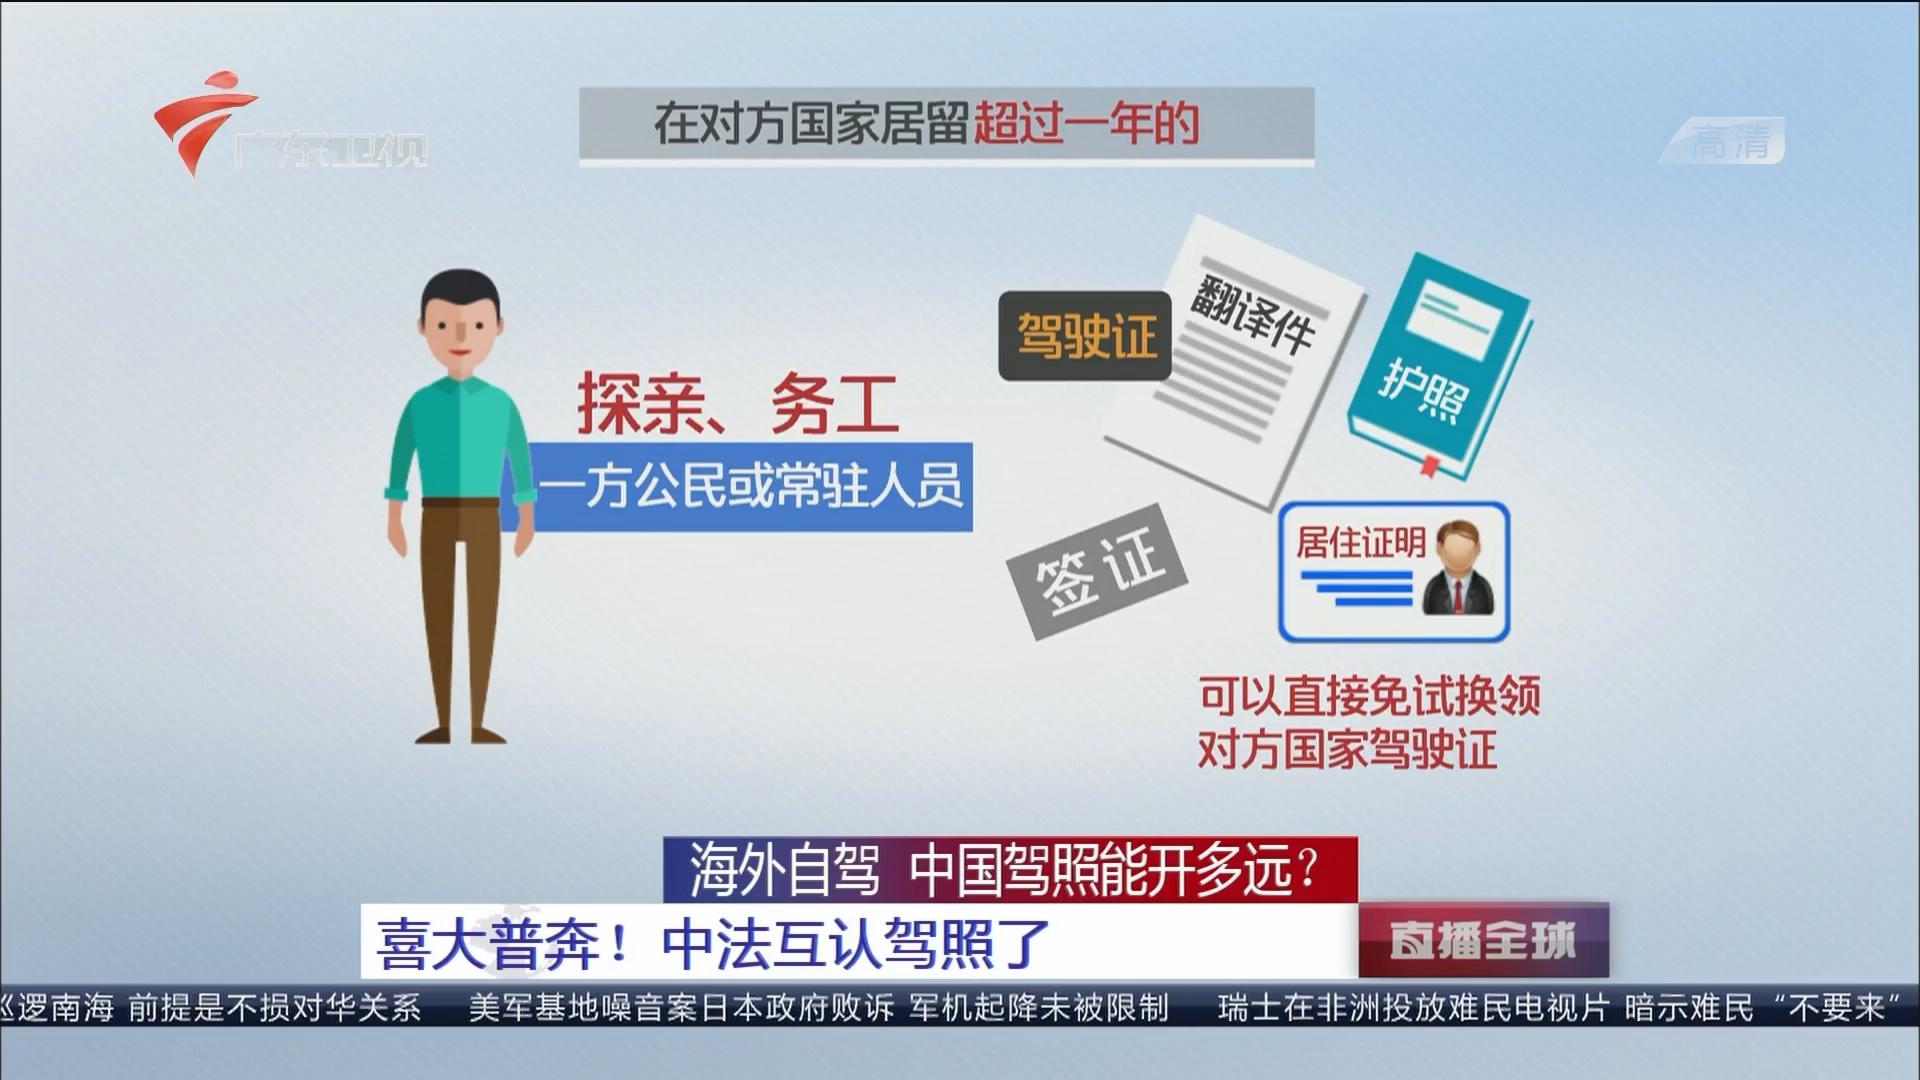 海外自驾 中国驾照能开多远?喜大普奔!中法互认驾照了